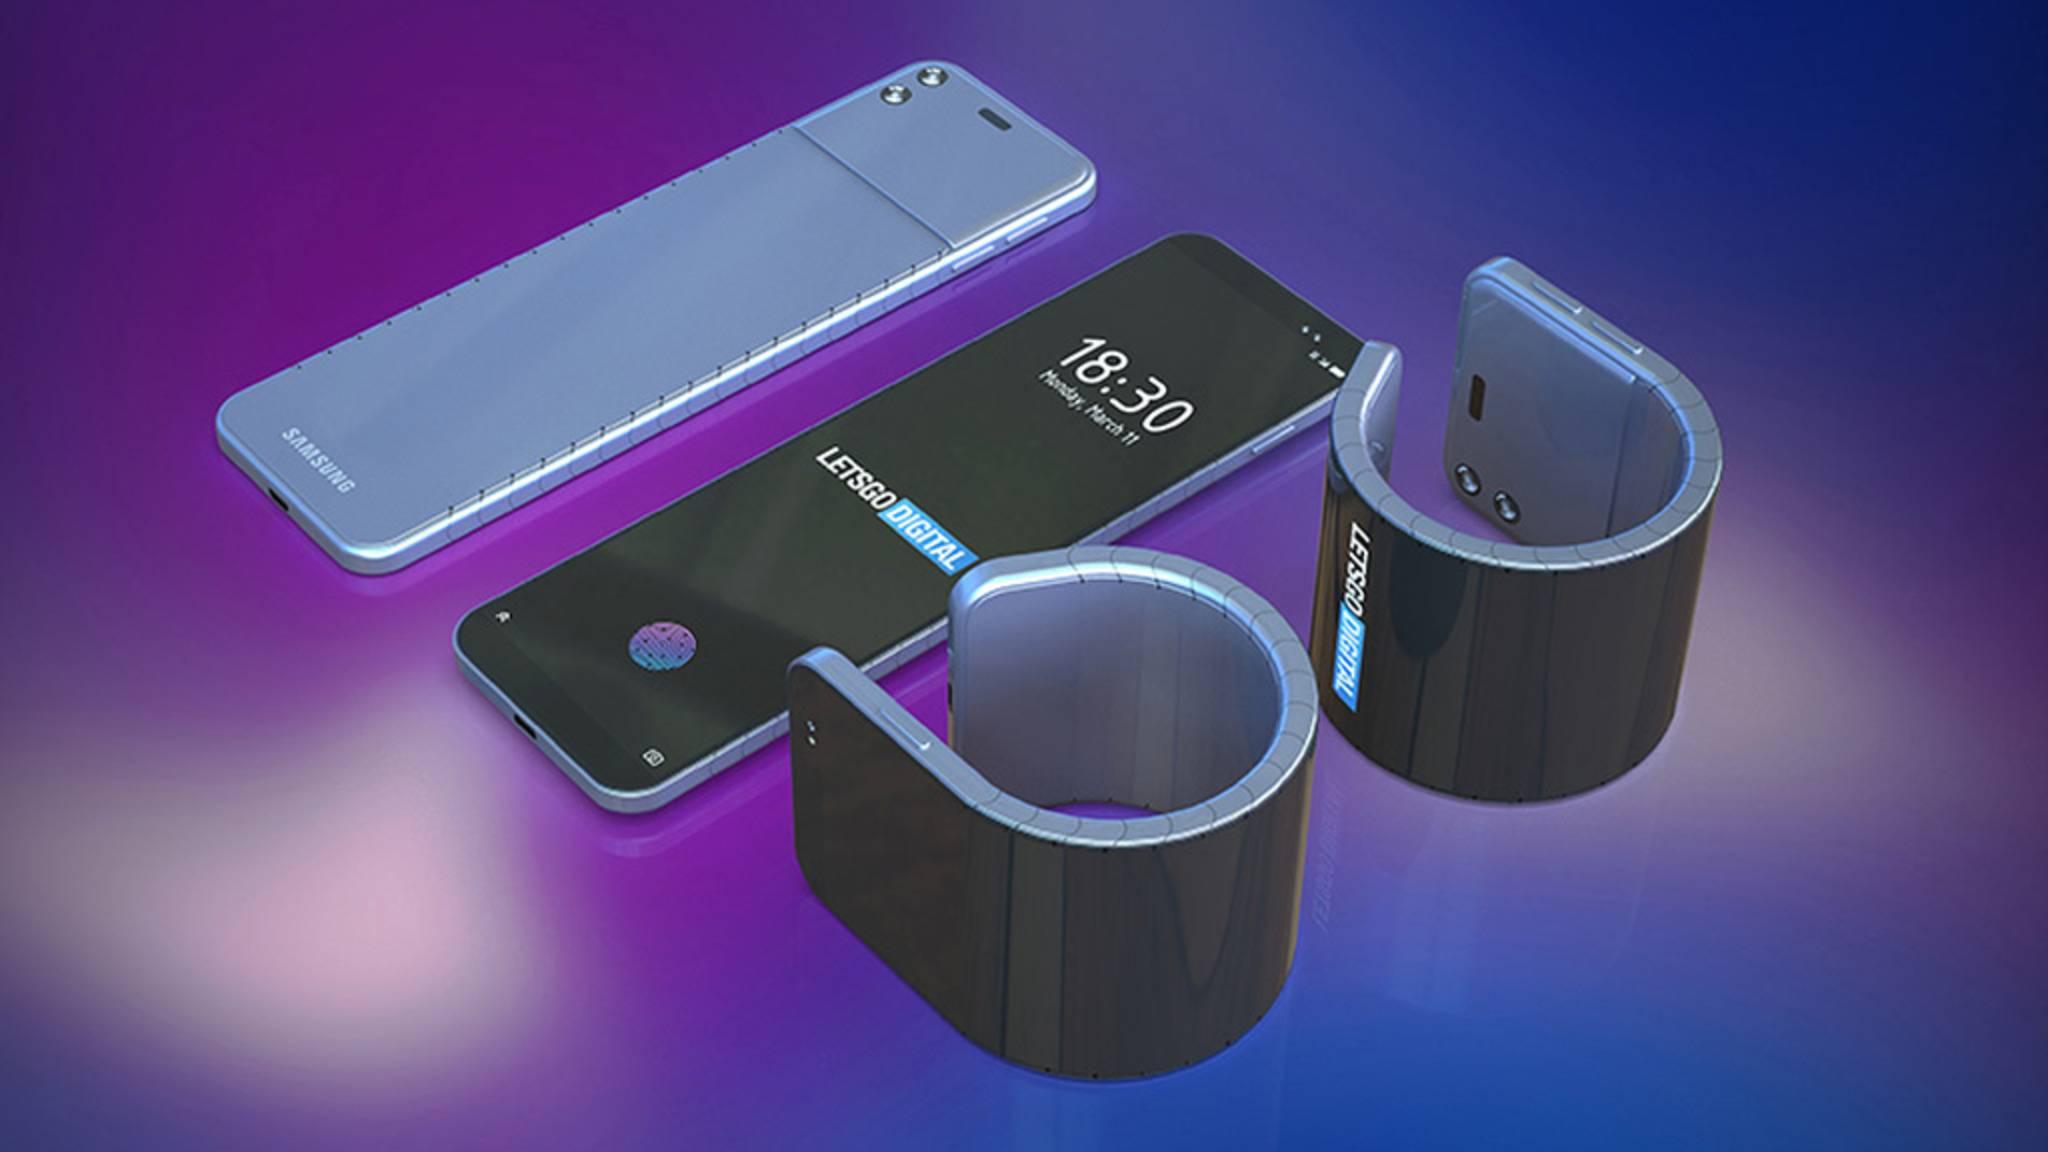 Samsung könnte an einem faltbaren Handy für das Handgelenk arbeiten.